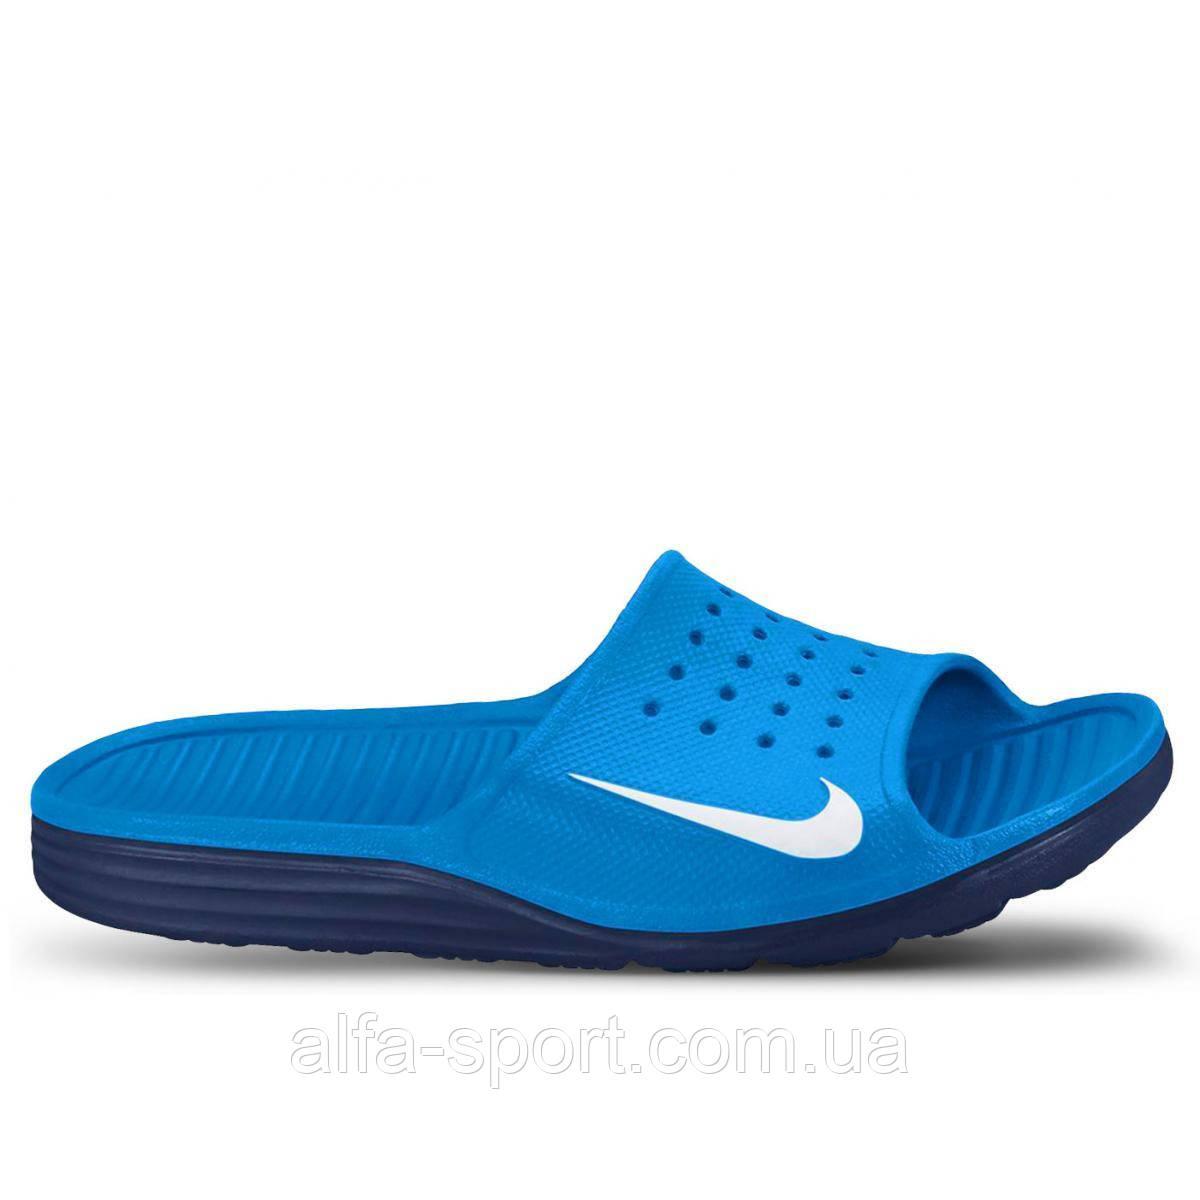 5d7053c4 Сланцы Nike Solarsoft Slide (386163-415), цена 1 050 грн., купить в ...